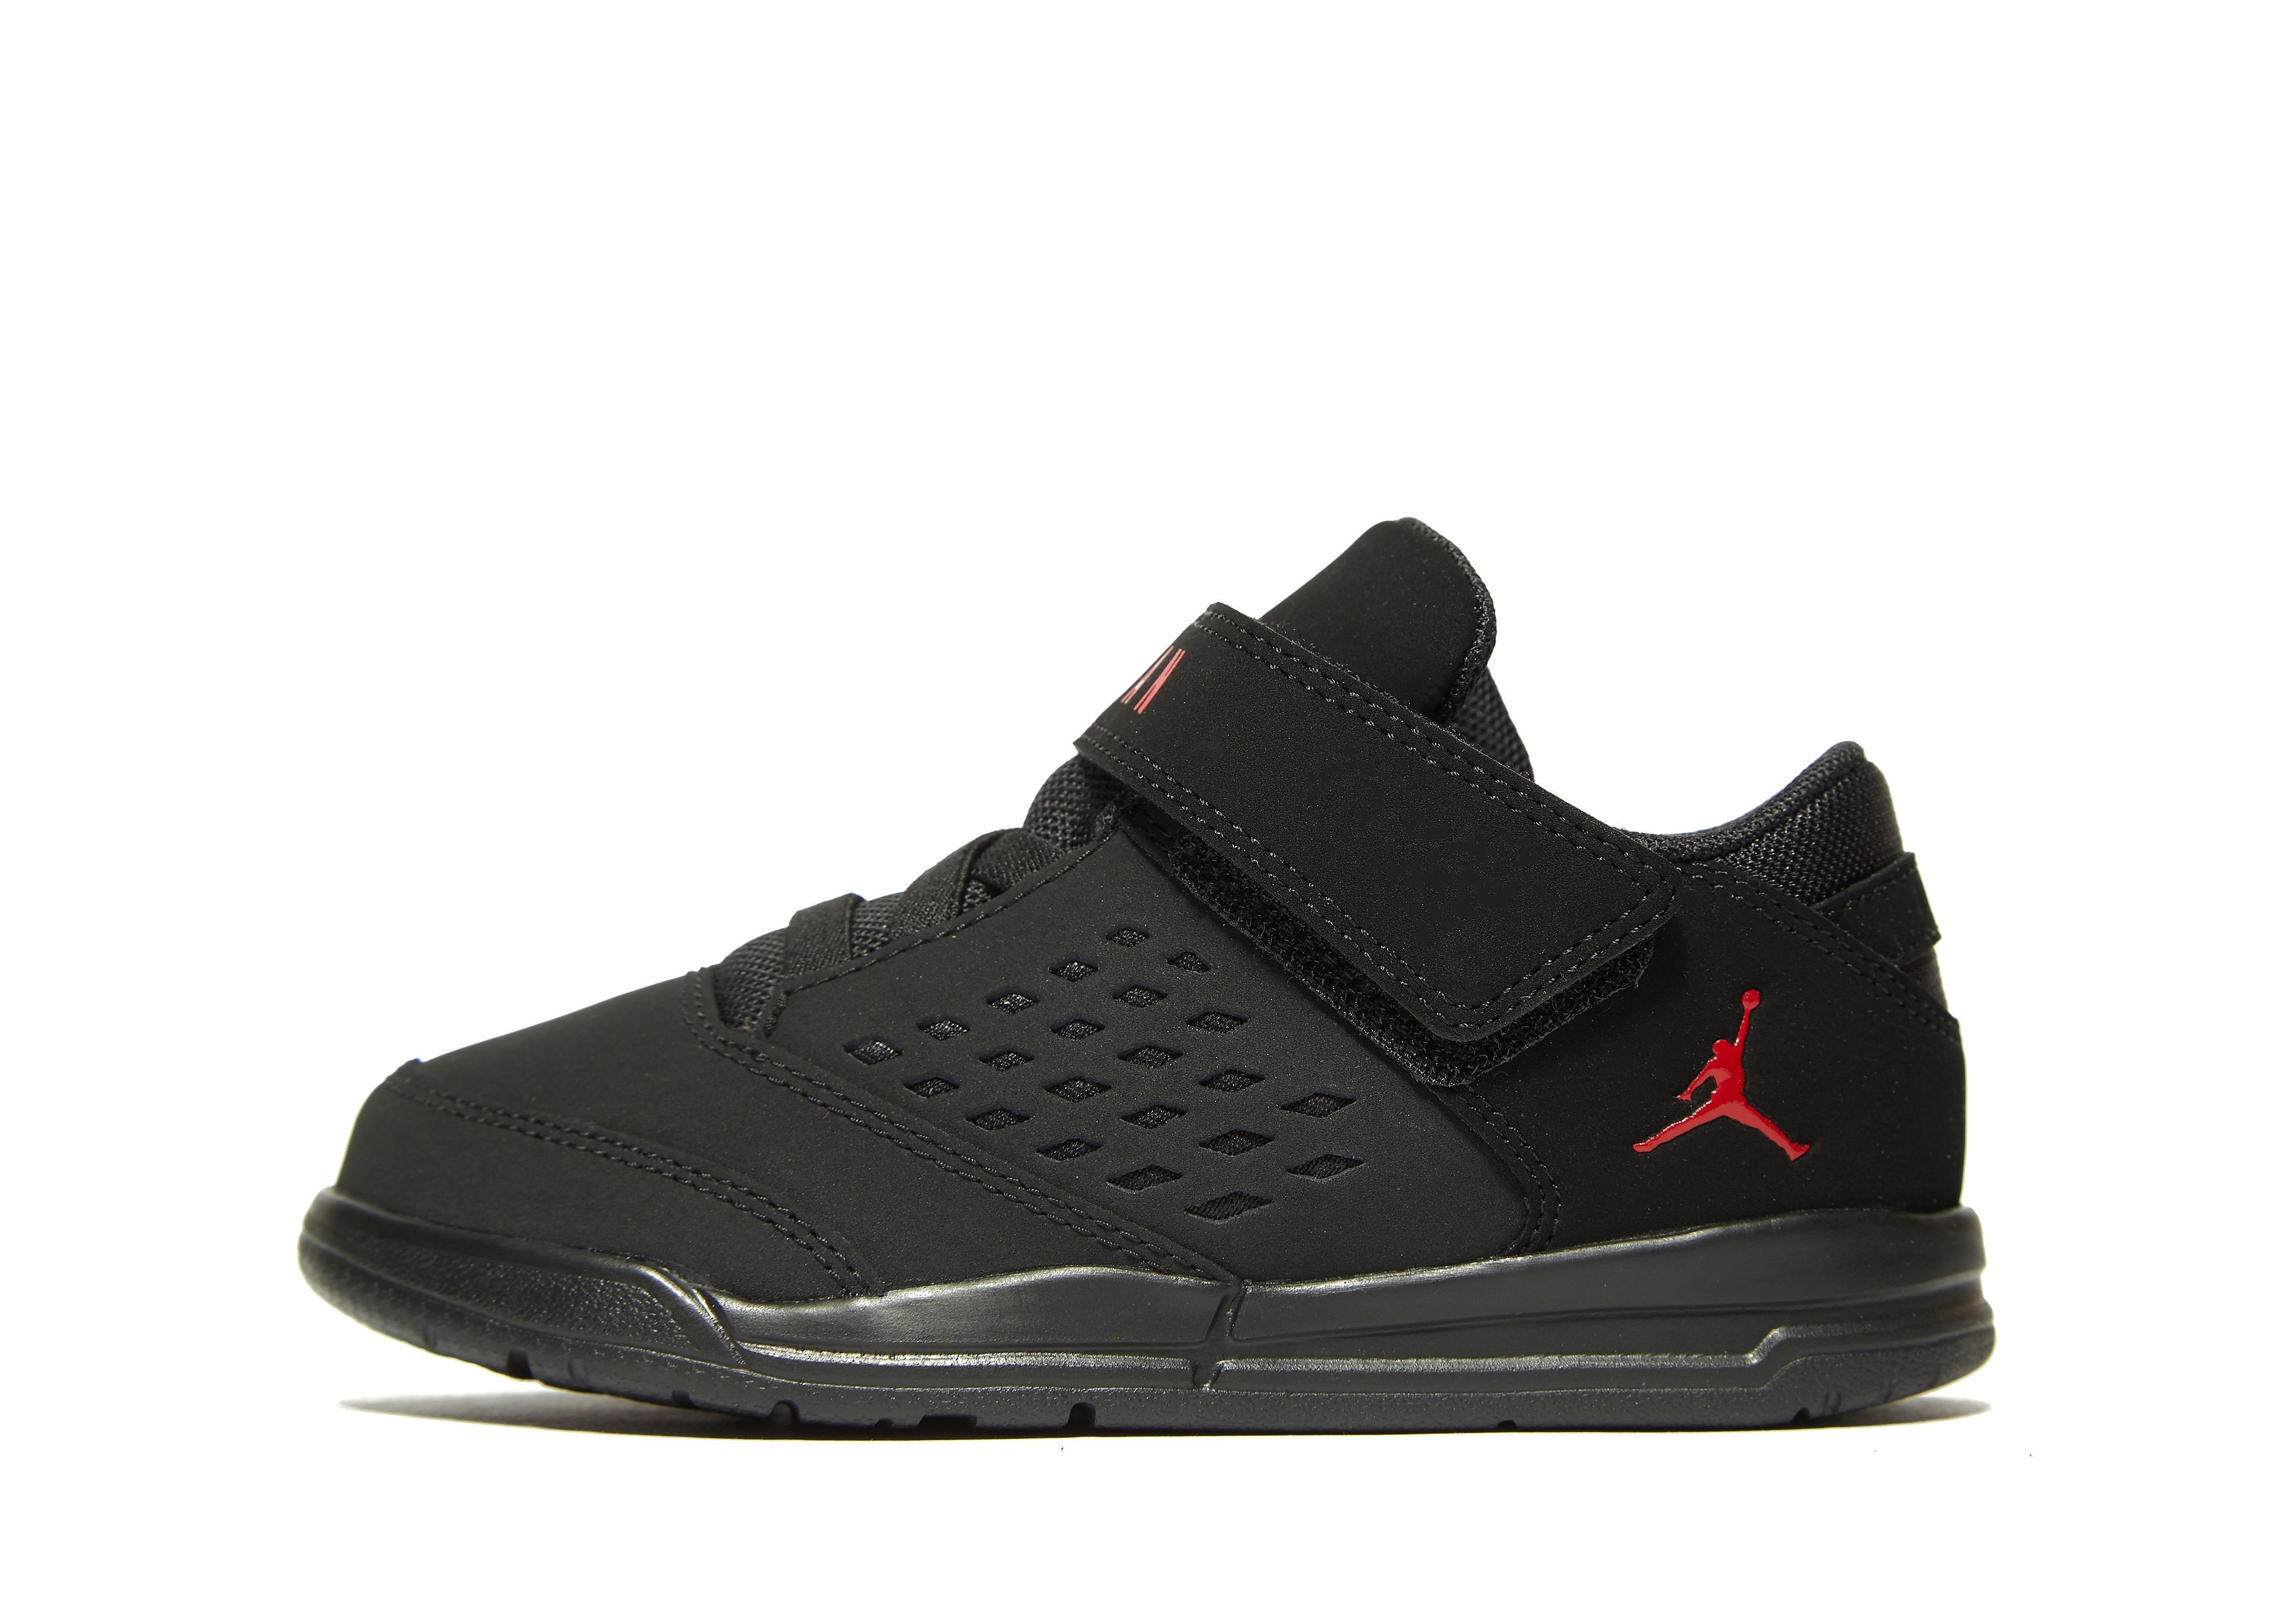 Jordan Vol Légendaires Chaussures Hi Baskets Noires Noir V8RiQ